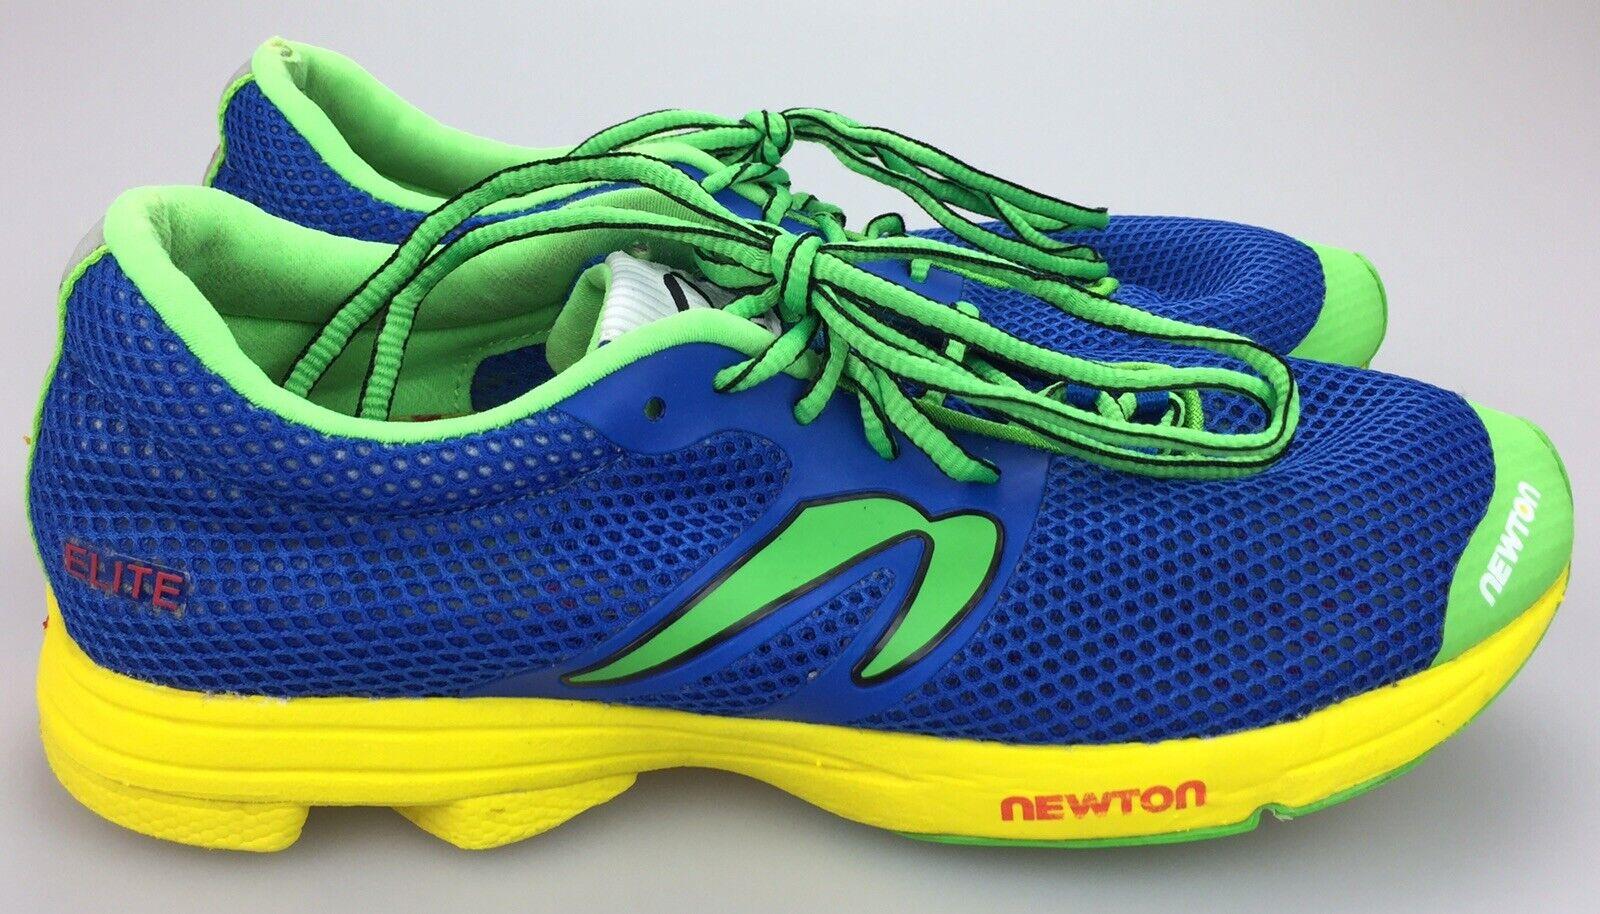 Newton Elite damen's Größe 10 Gelb Blau Running Athletic schuhe W008216